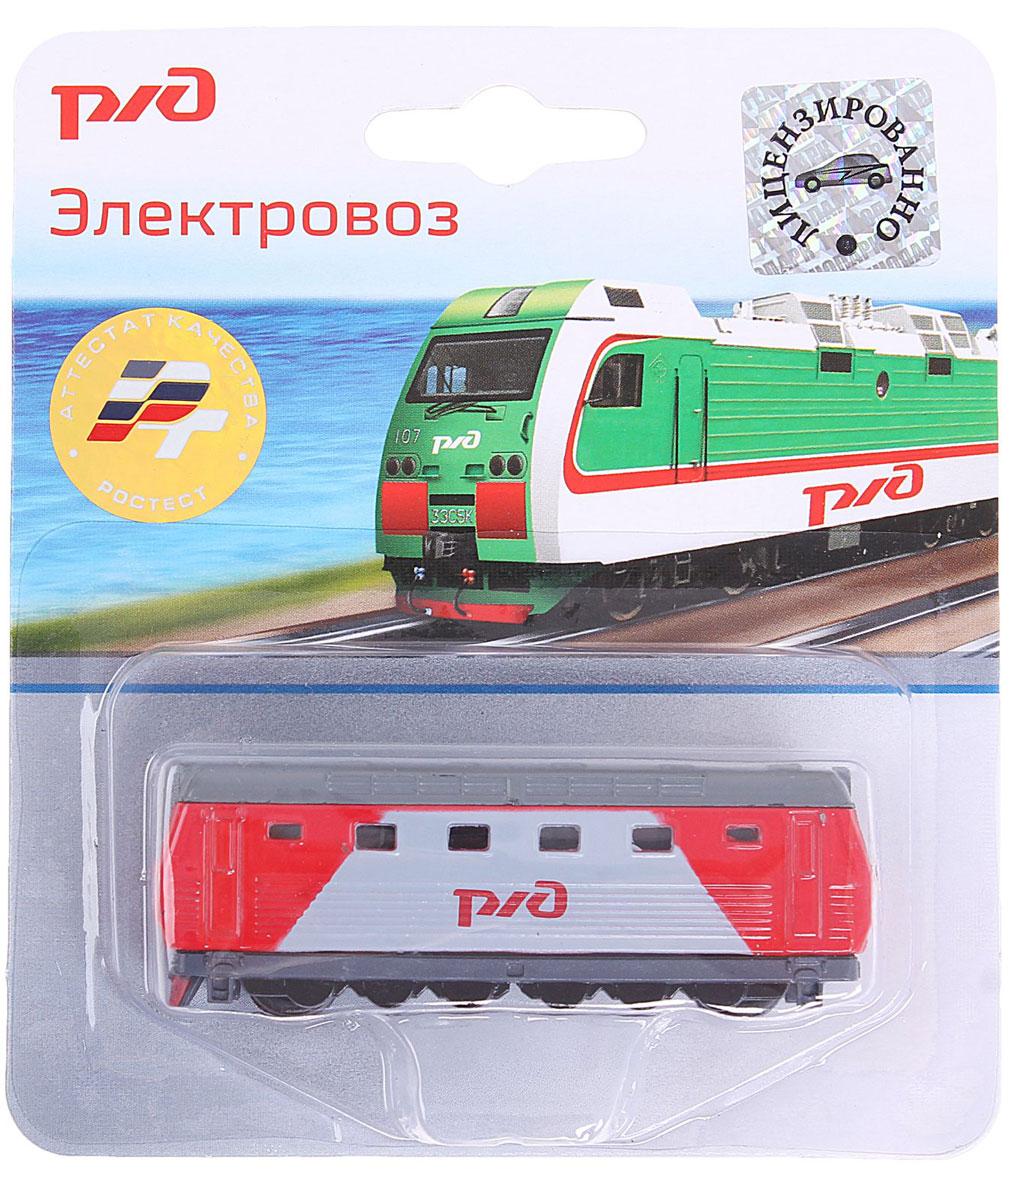 ТехноПарк Электровоз РЖД SB-13-16-T/BLС, Shantou City Daxiang Plastic Toy Products Co., Ltd